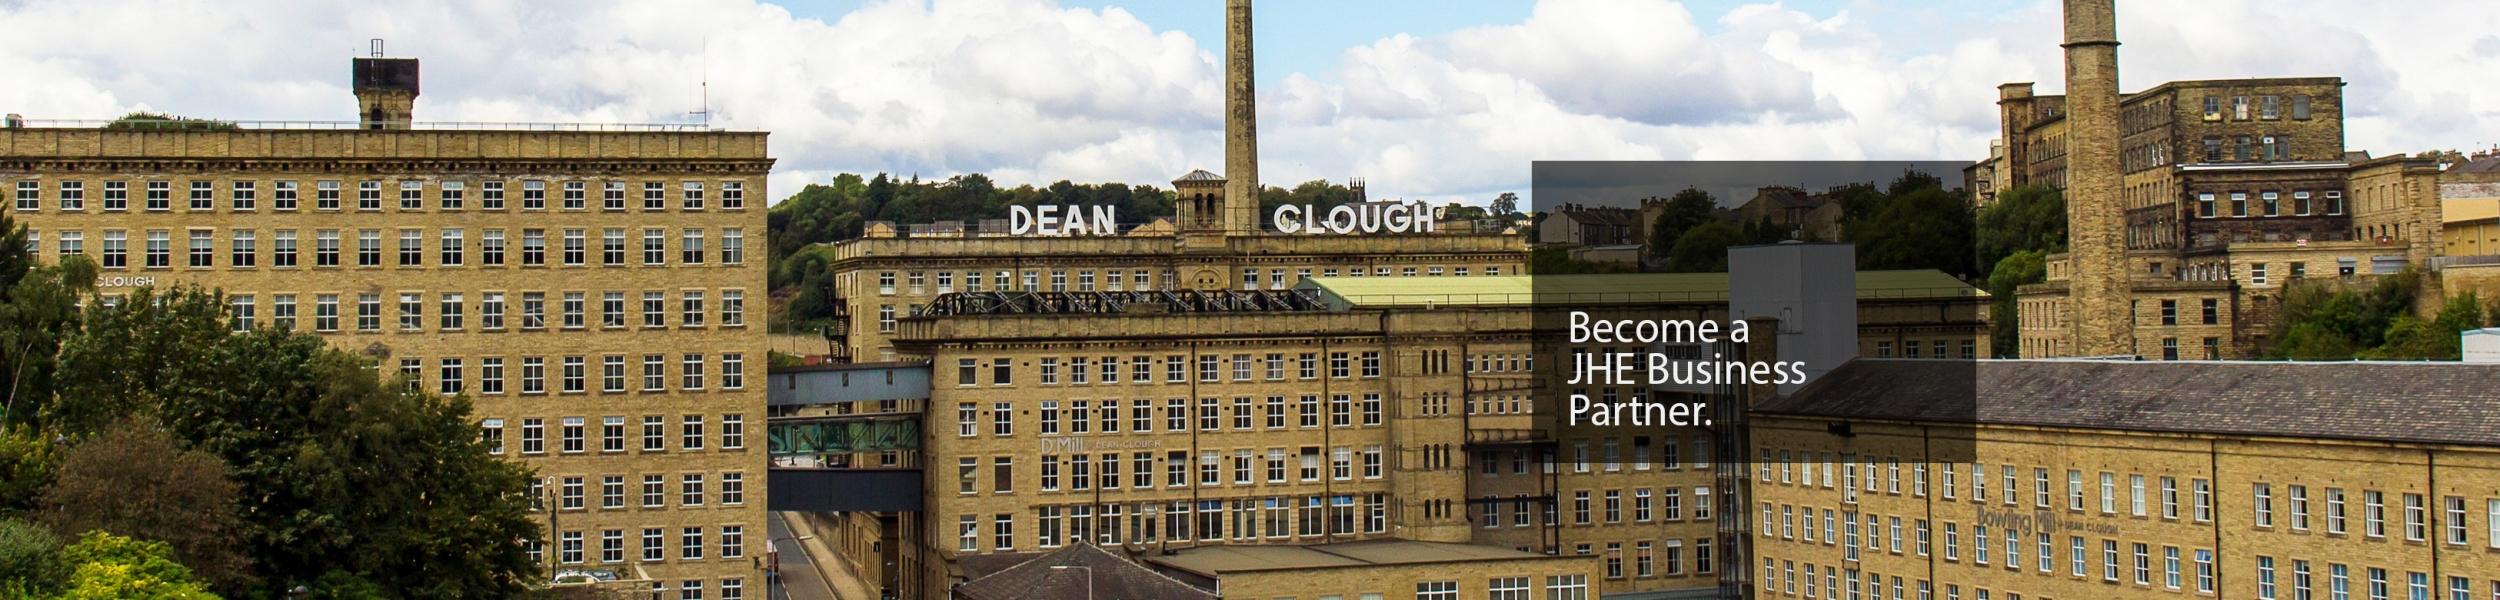 dean_clough_V2